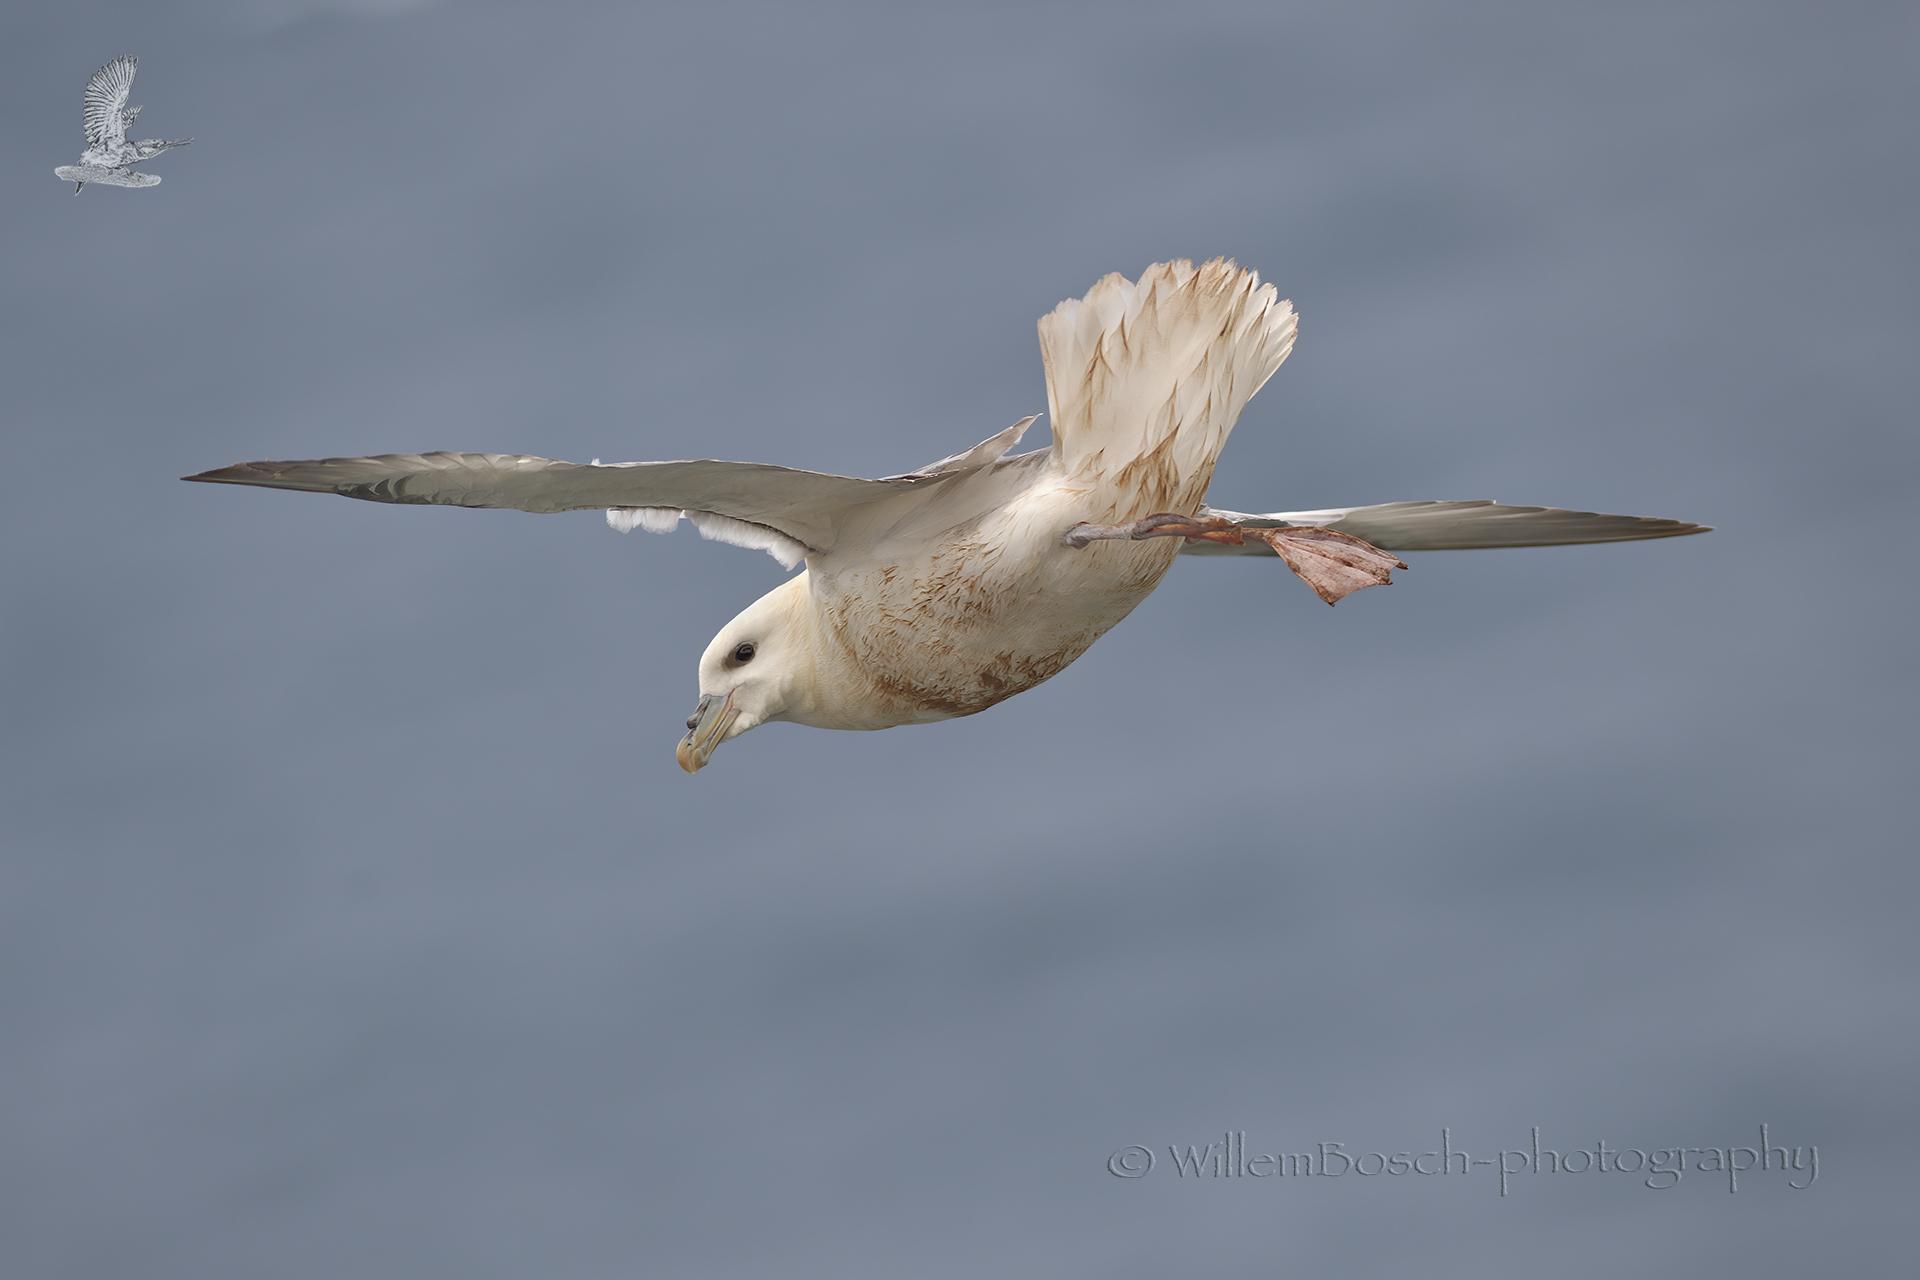 Noordse-stormvogel_Fulmarus-glacialis_1920_ND59876